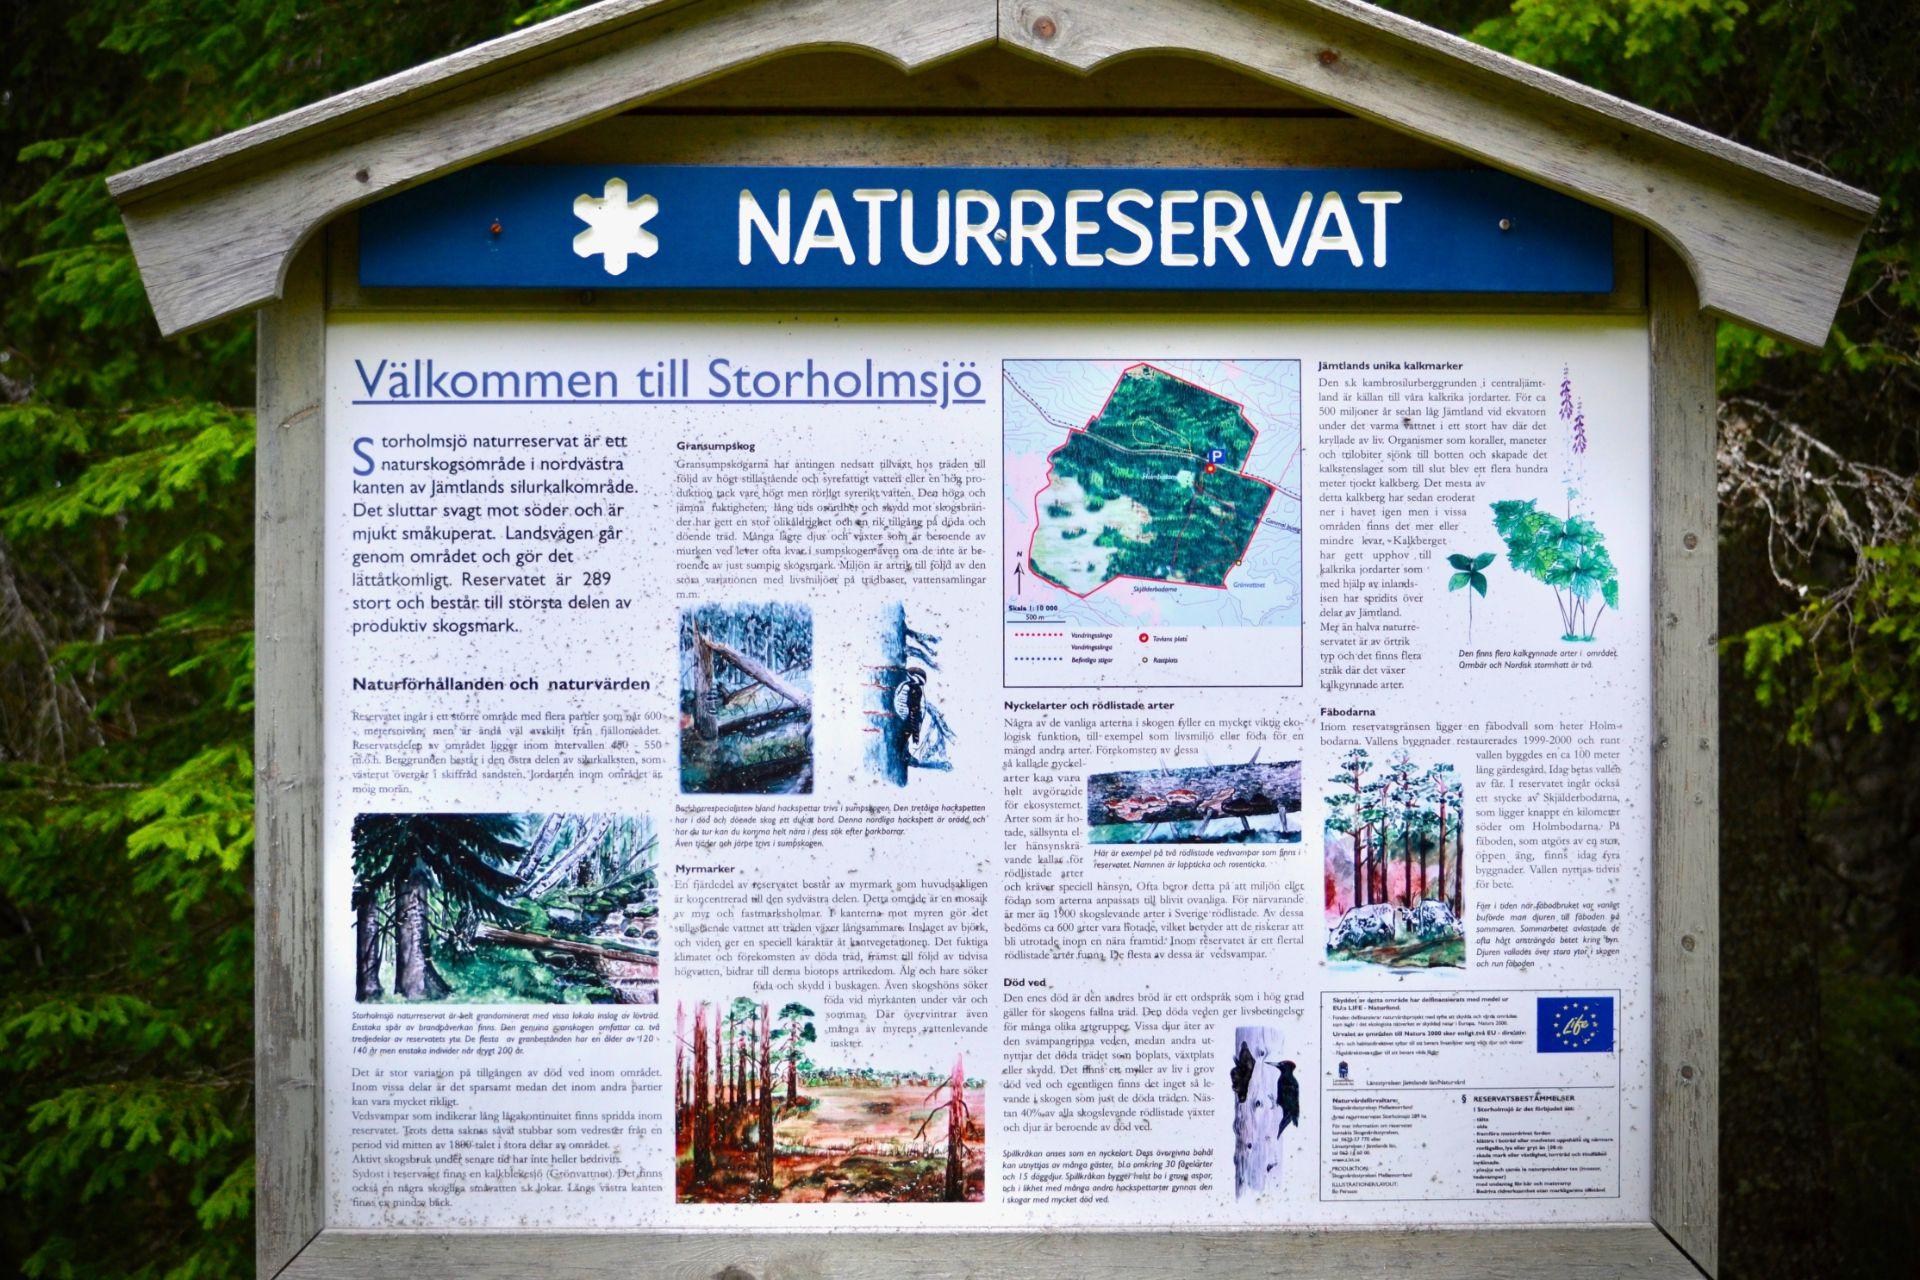 Informationsskylt vid Storholmsjö Naturreservat. Foto © flyttatillfjallen.se